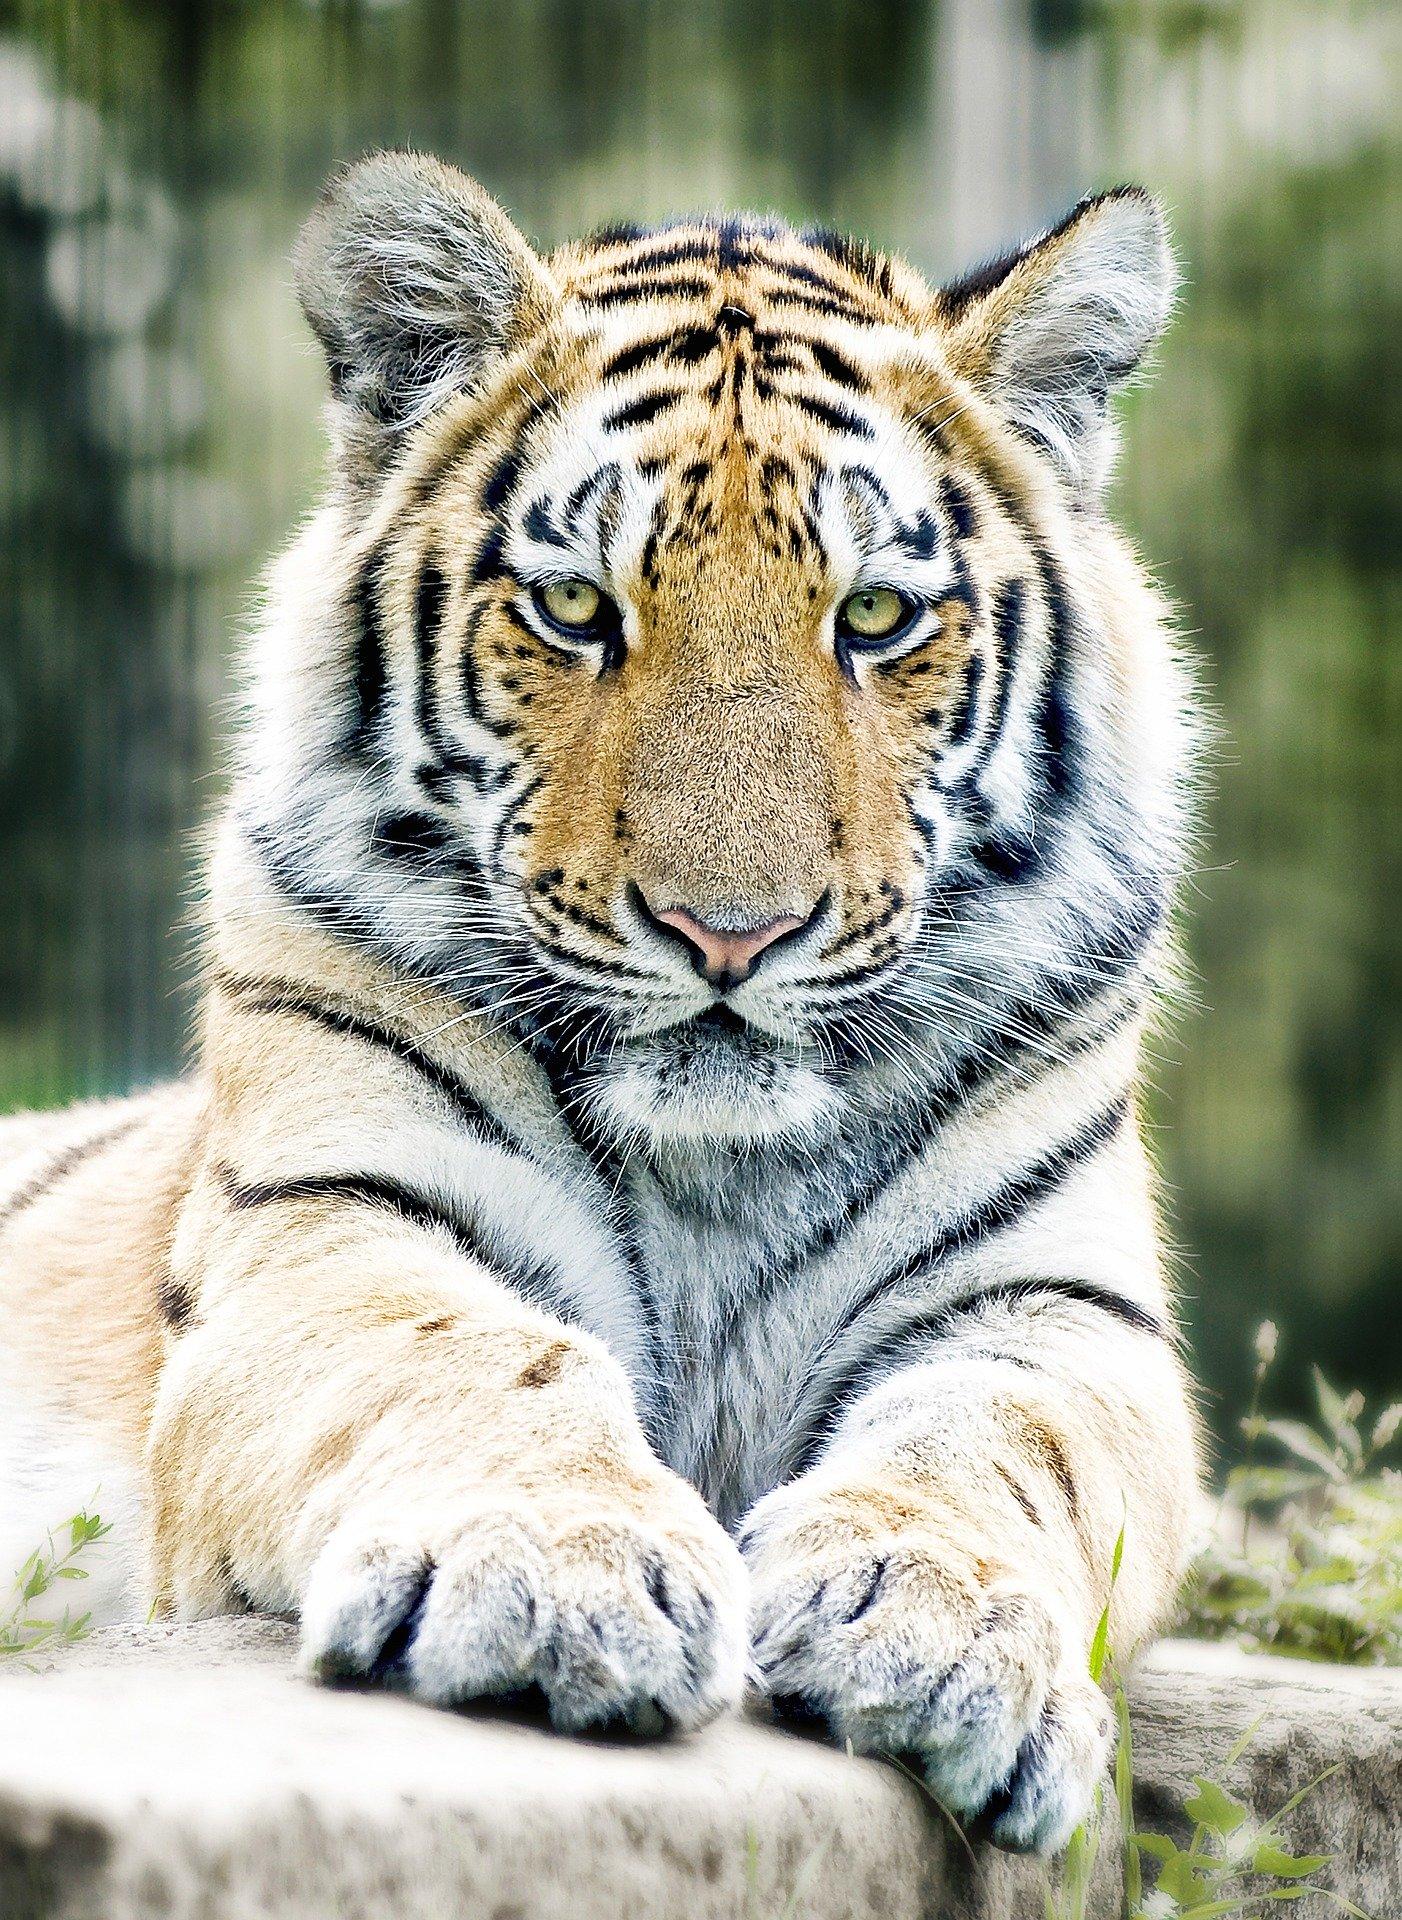 randi_hausmann_tiger1